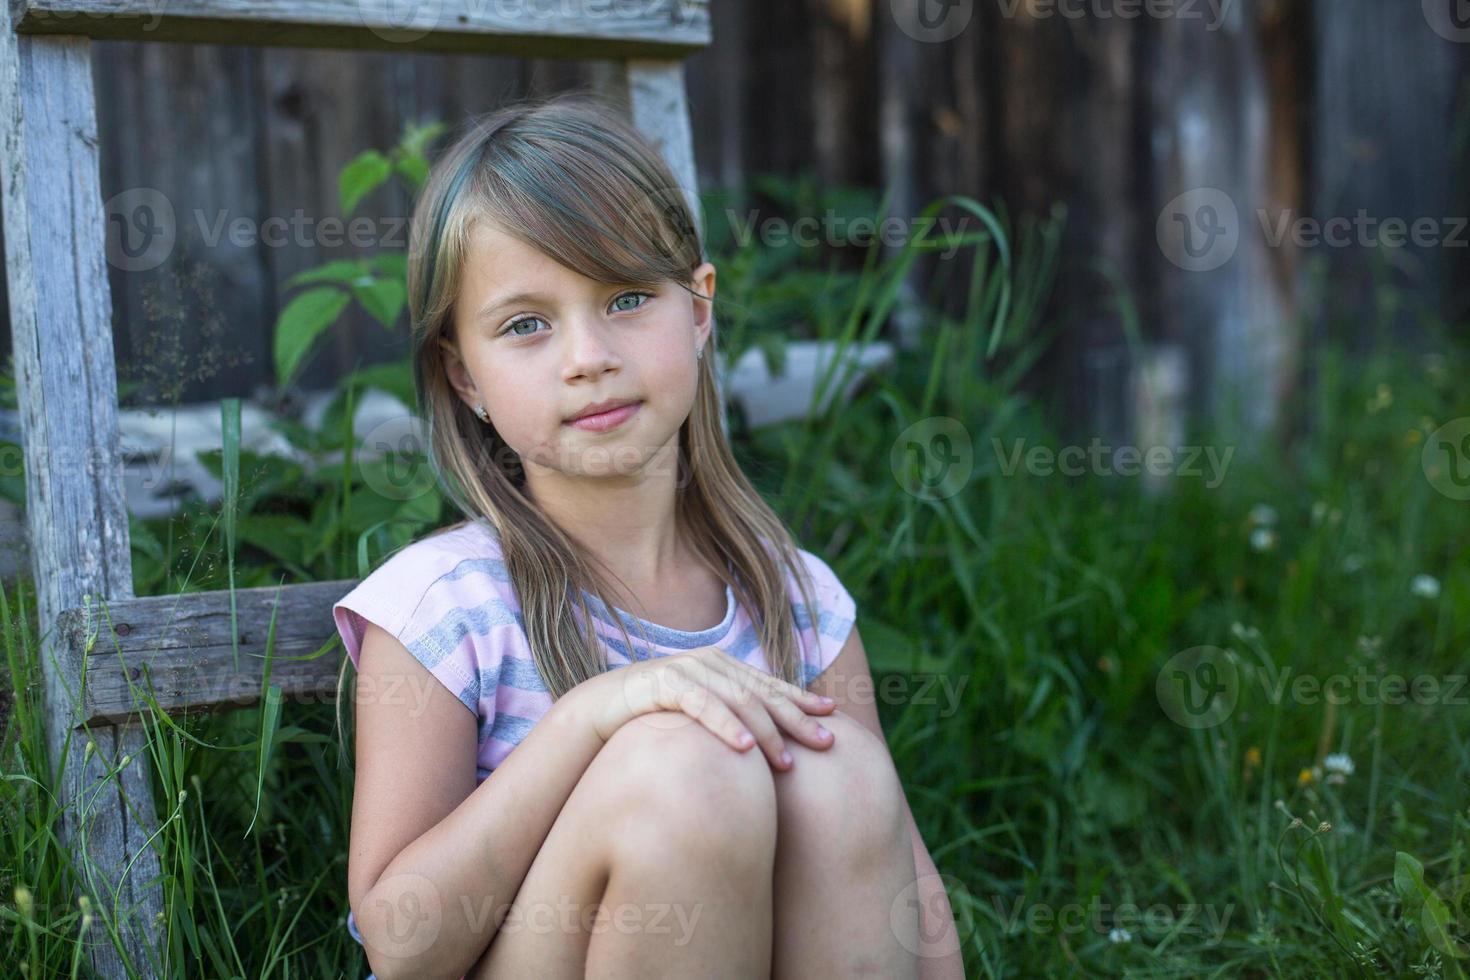 jolie petite fille près d'une maison de campagne. photo